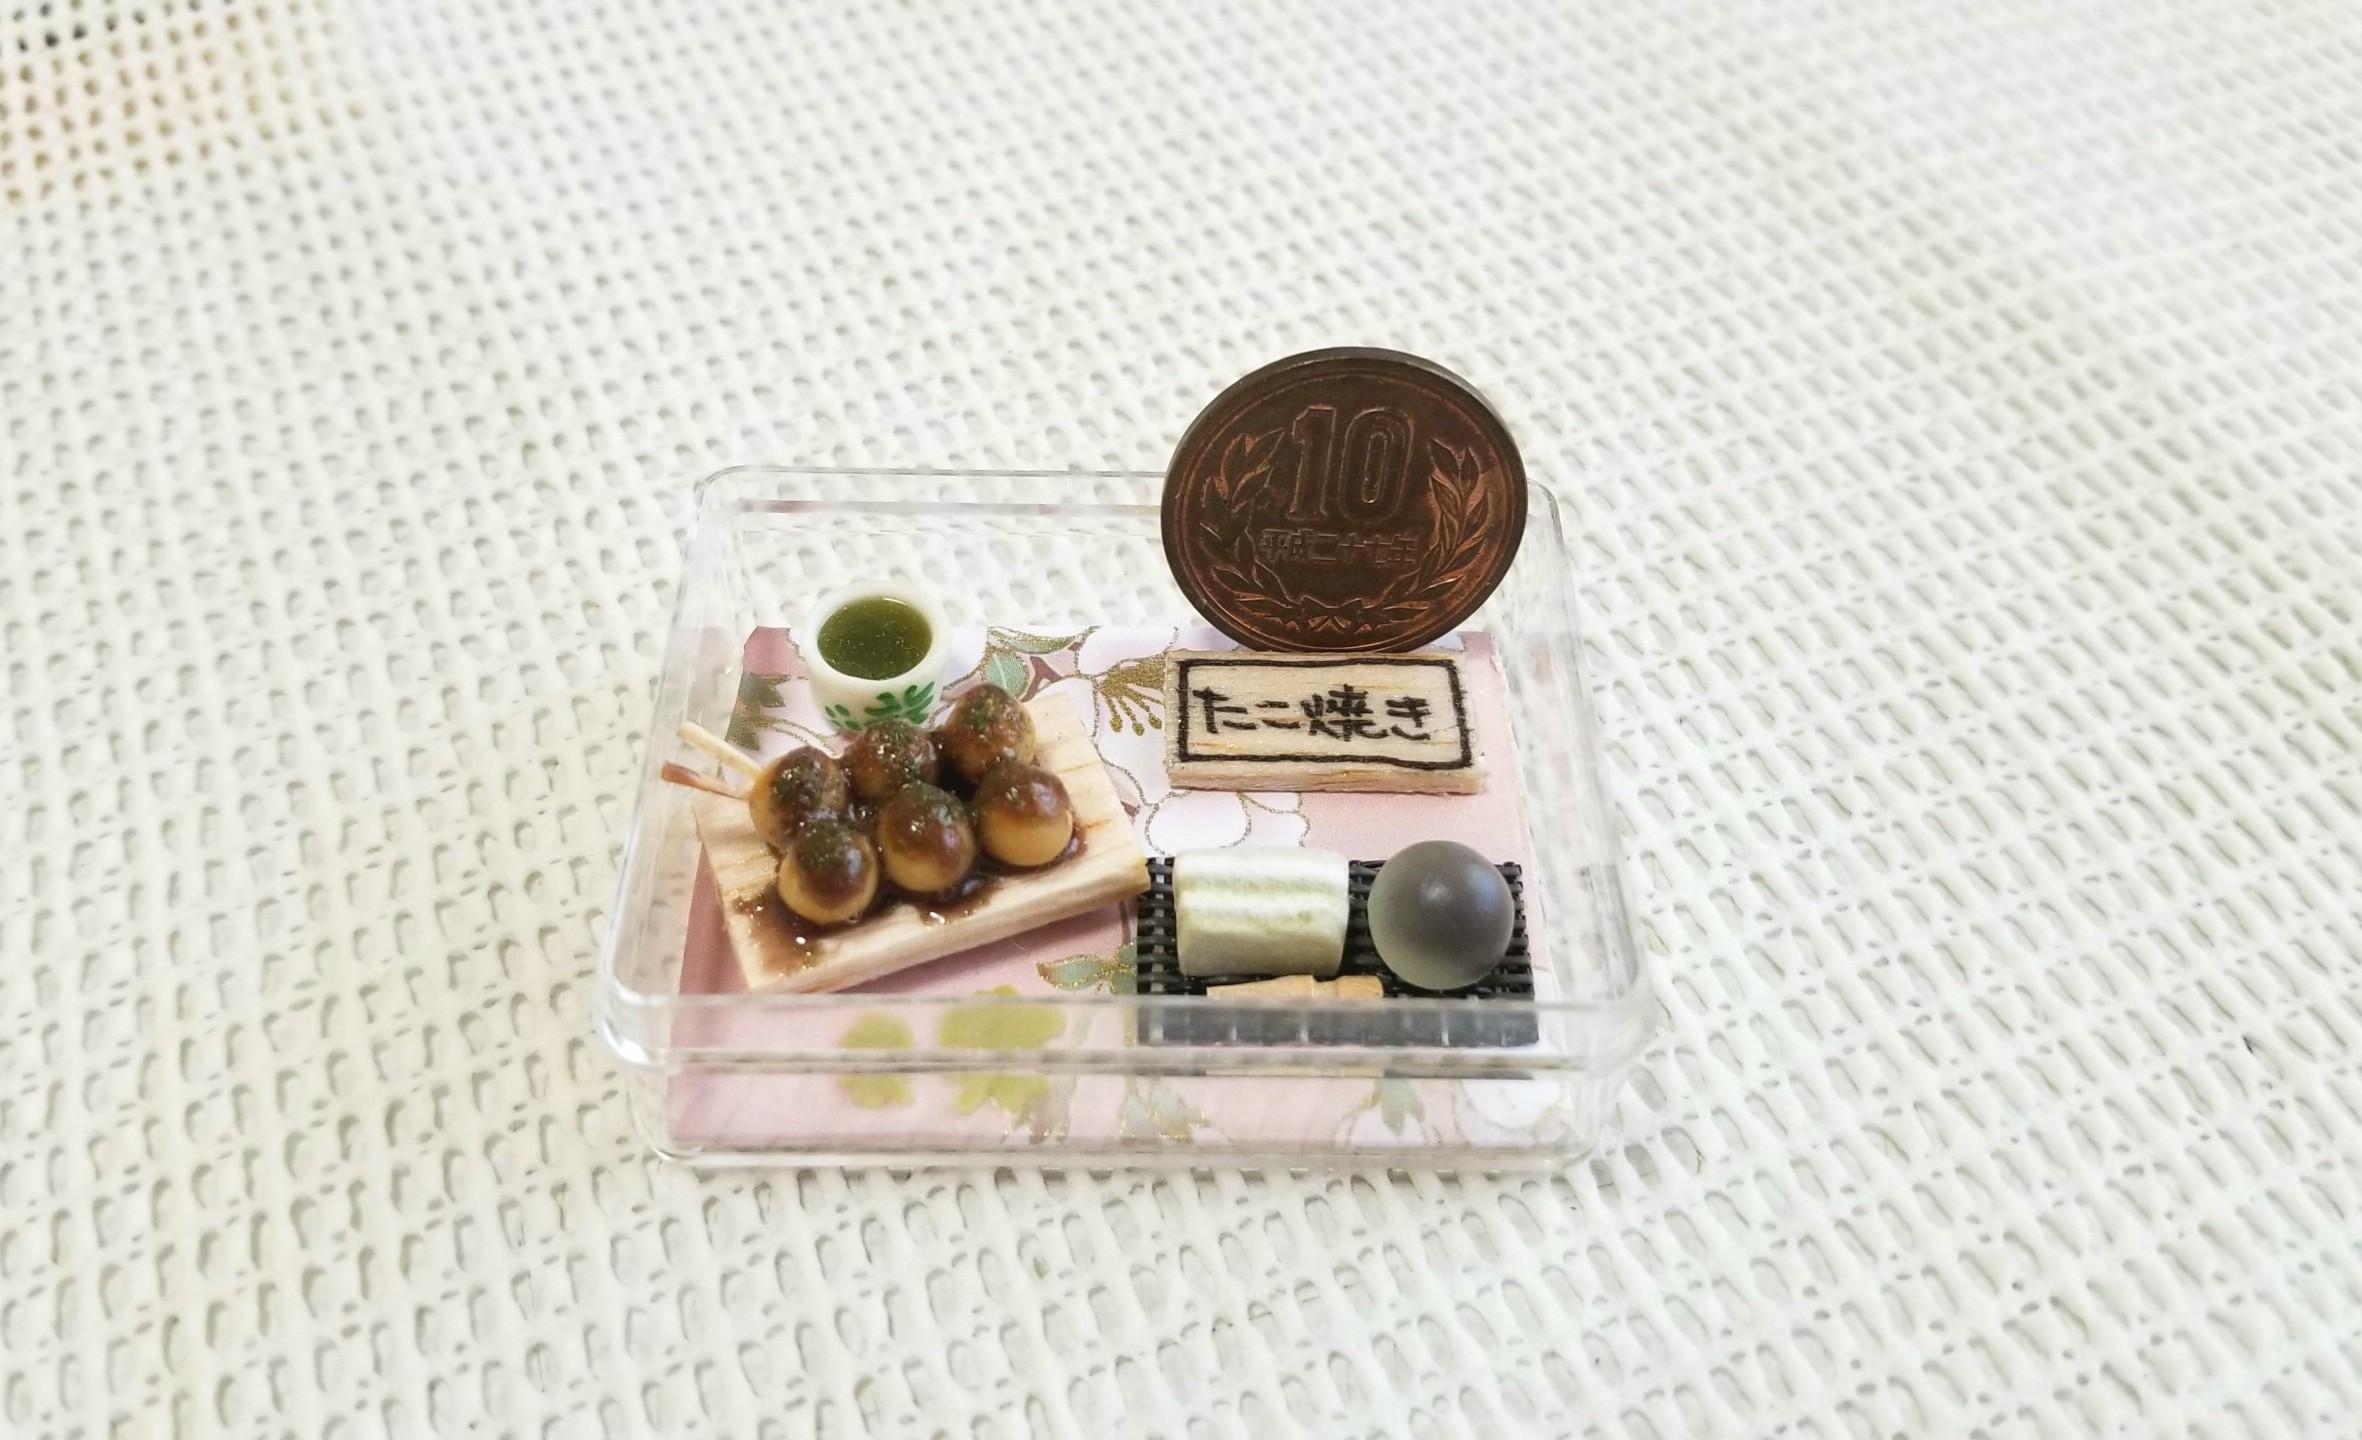 ミニチュア, たこ焼き, バービー人形, ブライス, 樹脂粘土